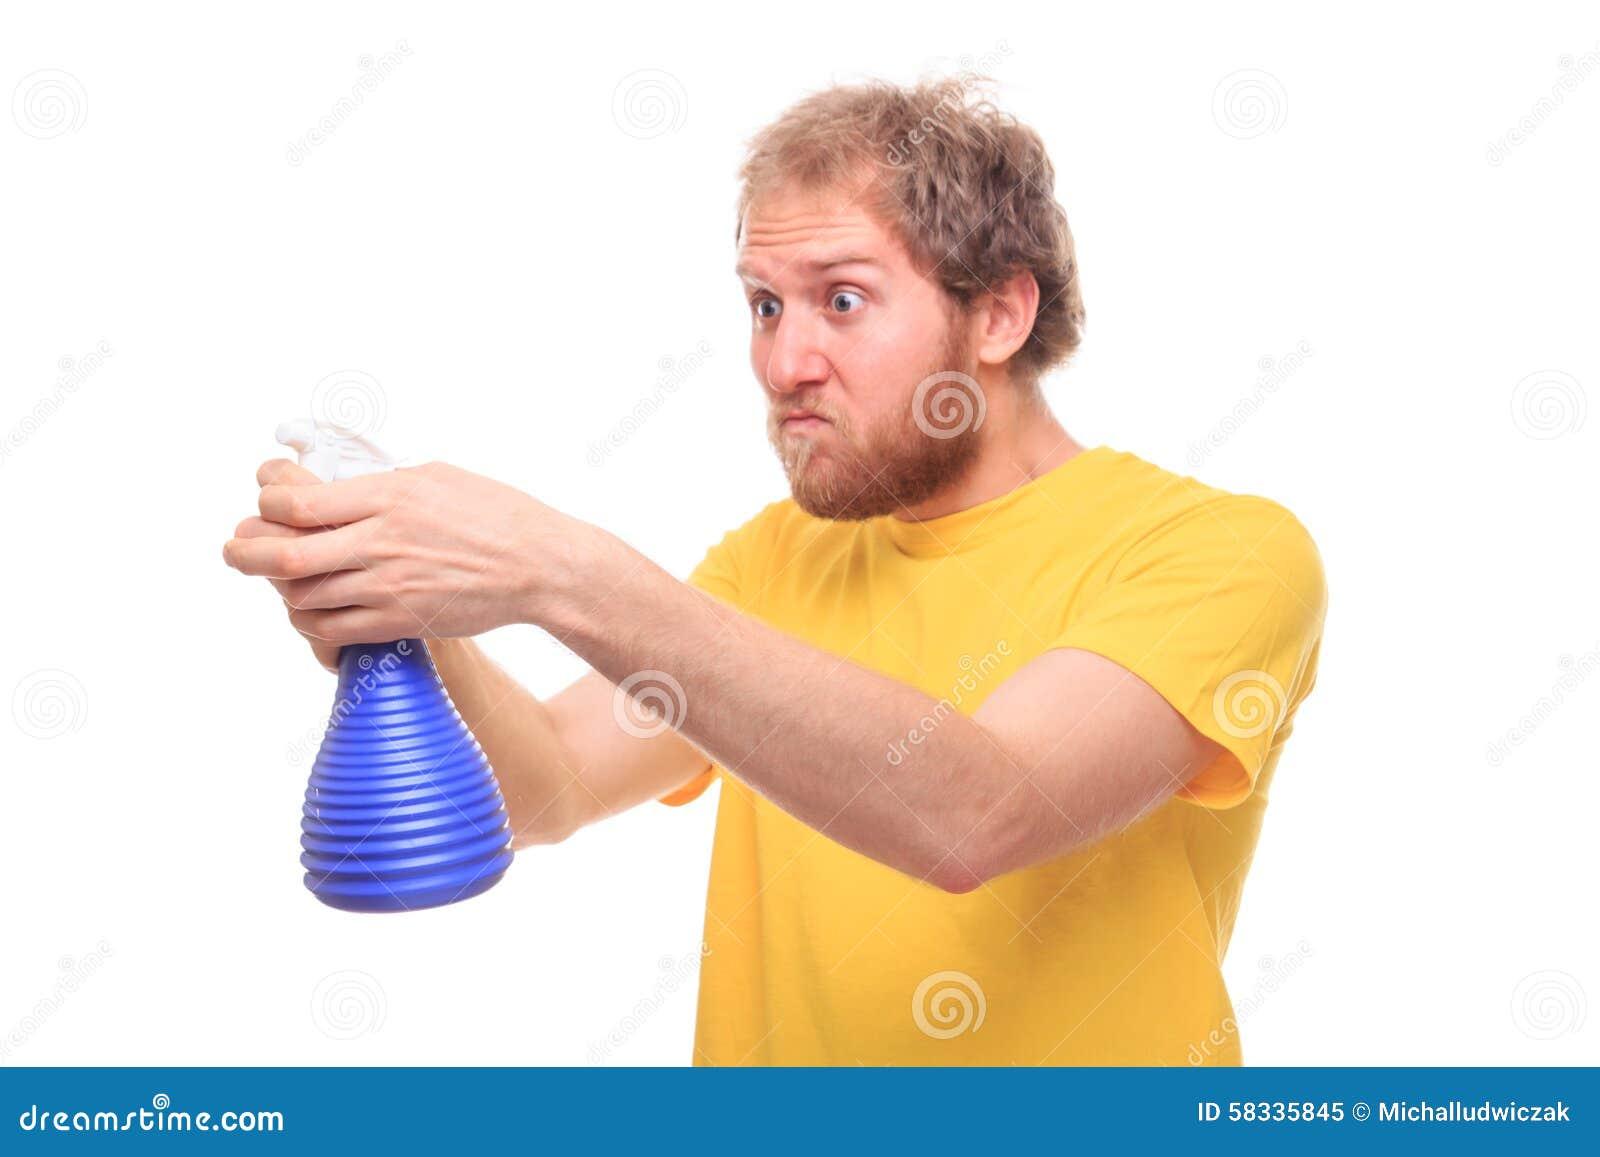 Glücklicher bärtiger Mann wäscht sich mit Spray und Gummi